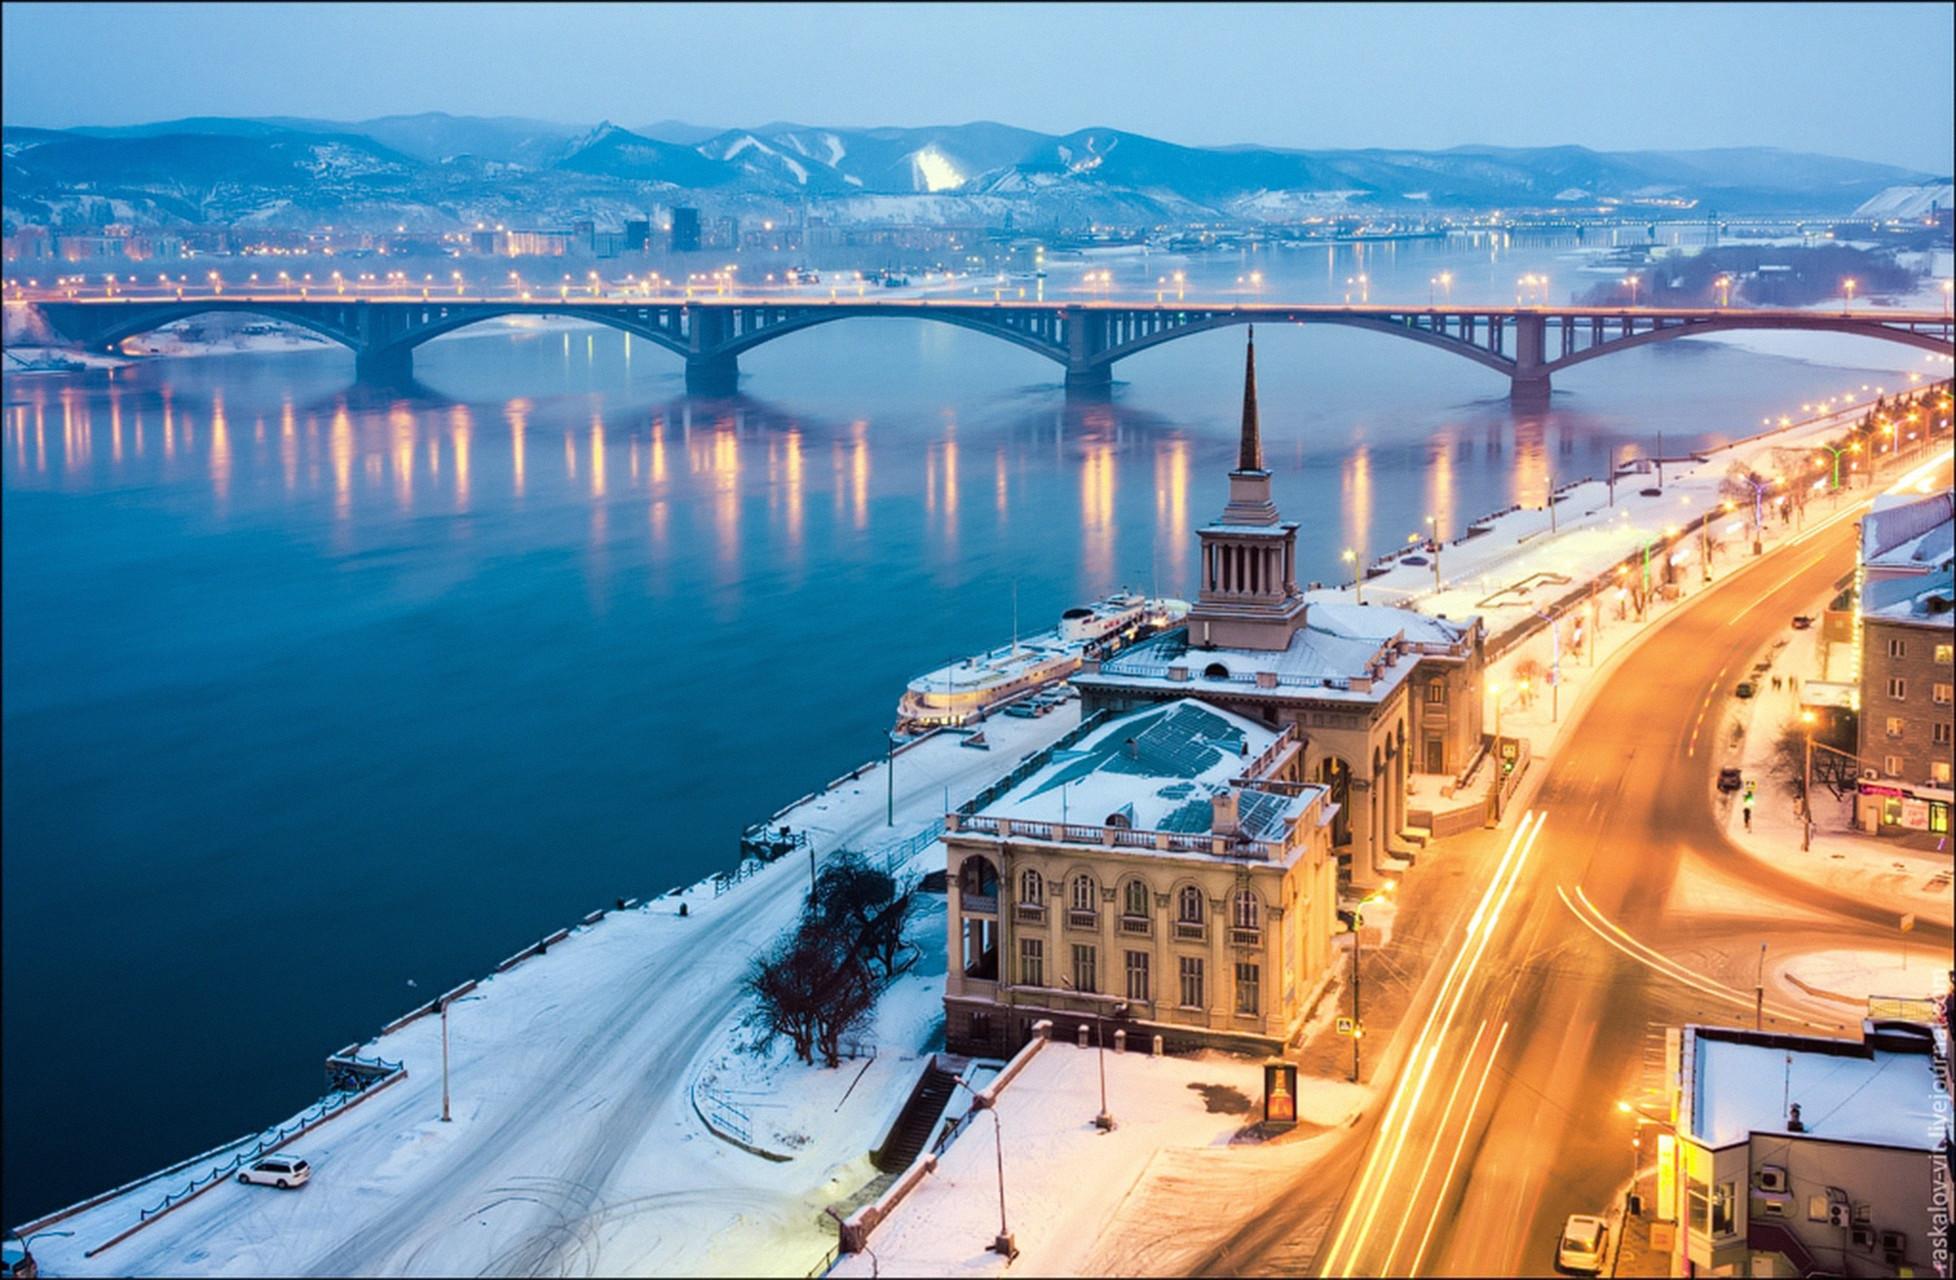 Krasnoyarsk announced as host of 2022 Wrestling World Championships